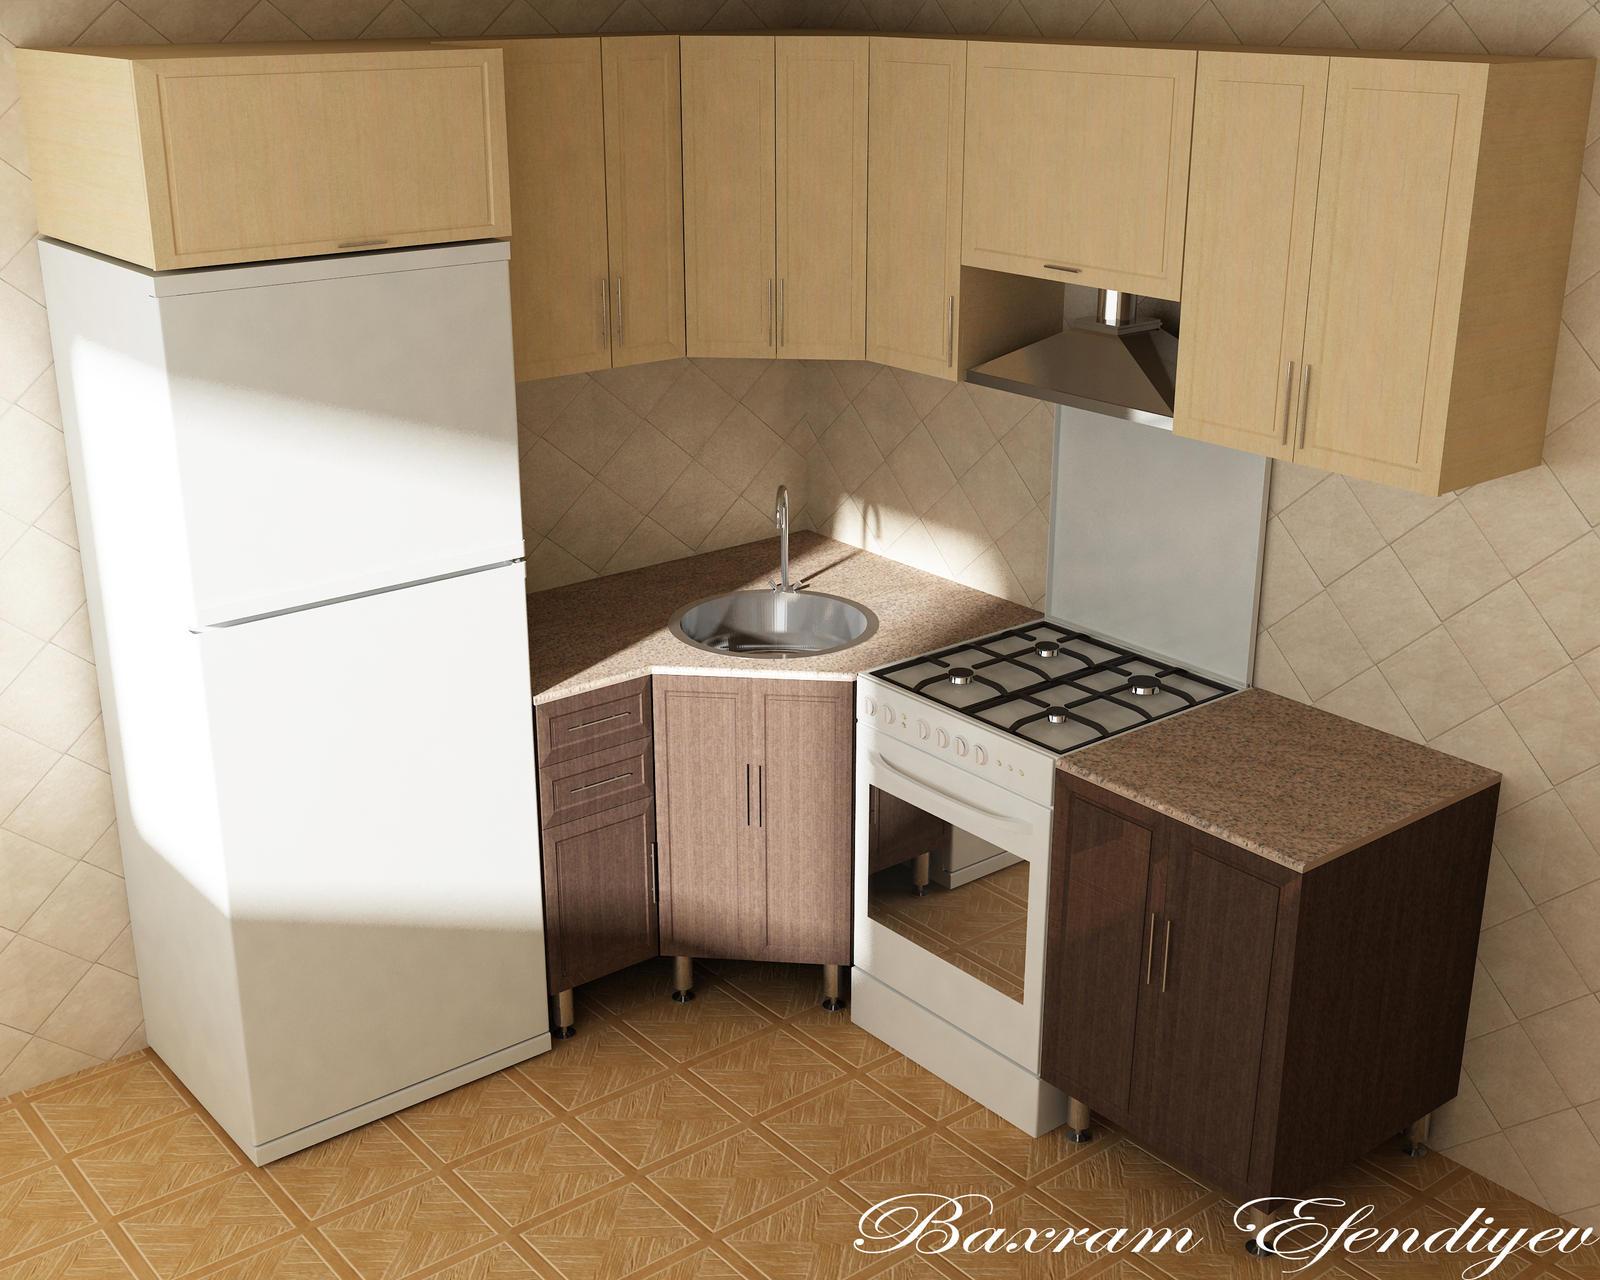 Kitchen Furniture Design By Bahramafandiyev On Deviantart